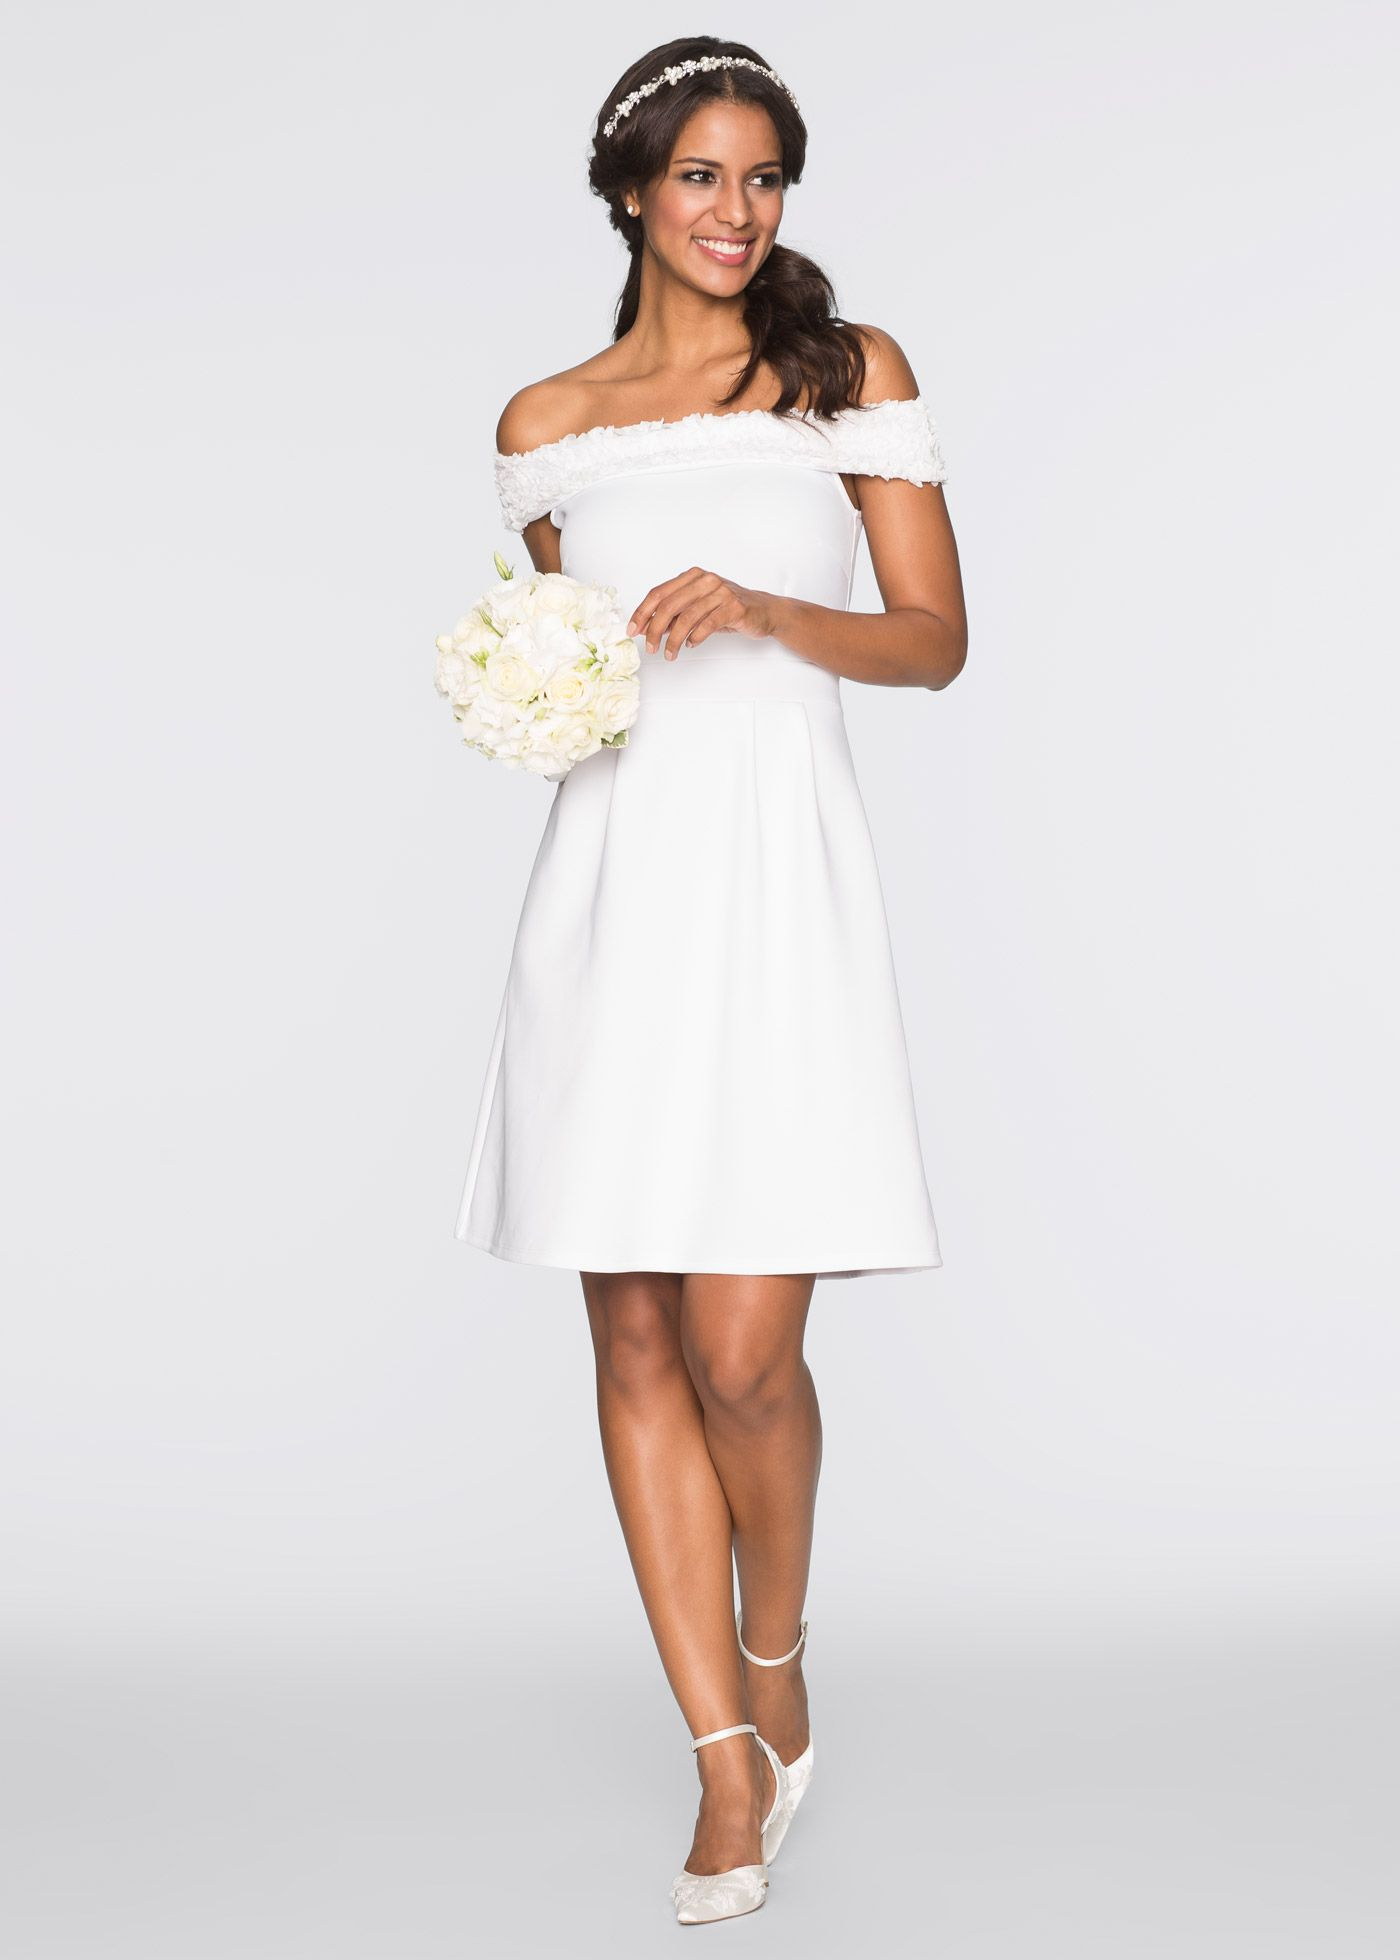 Kleid weiß jetzt im Online Shop von bonprix.de ab € 20,20